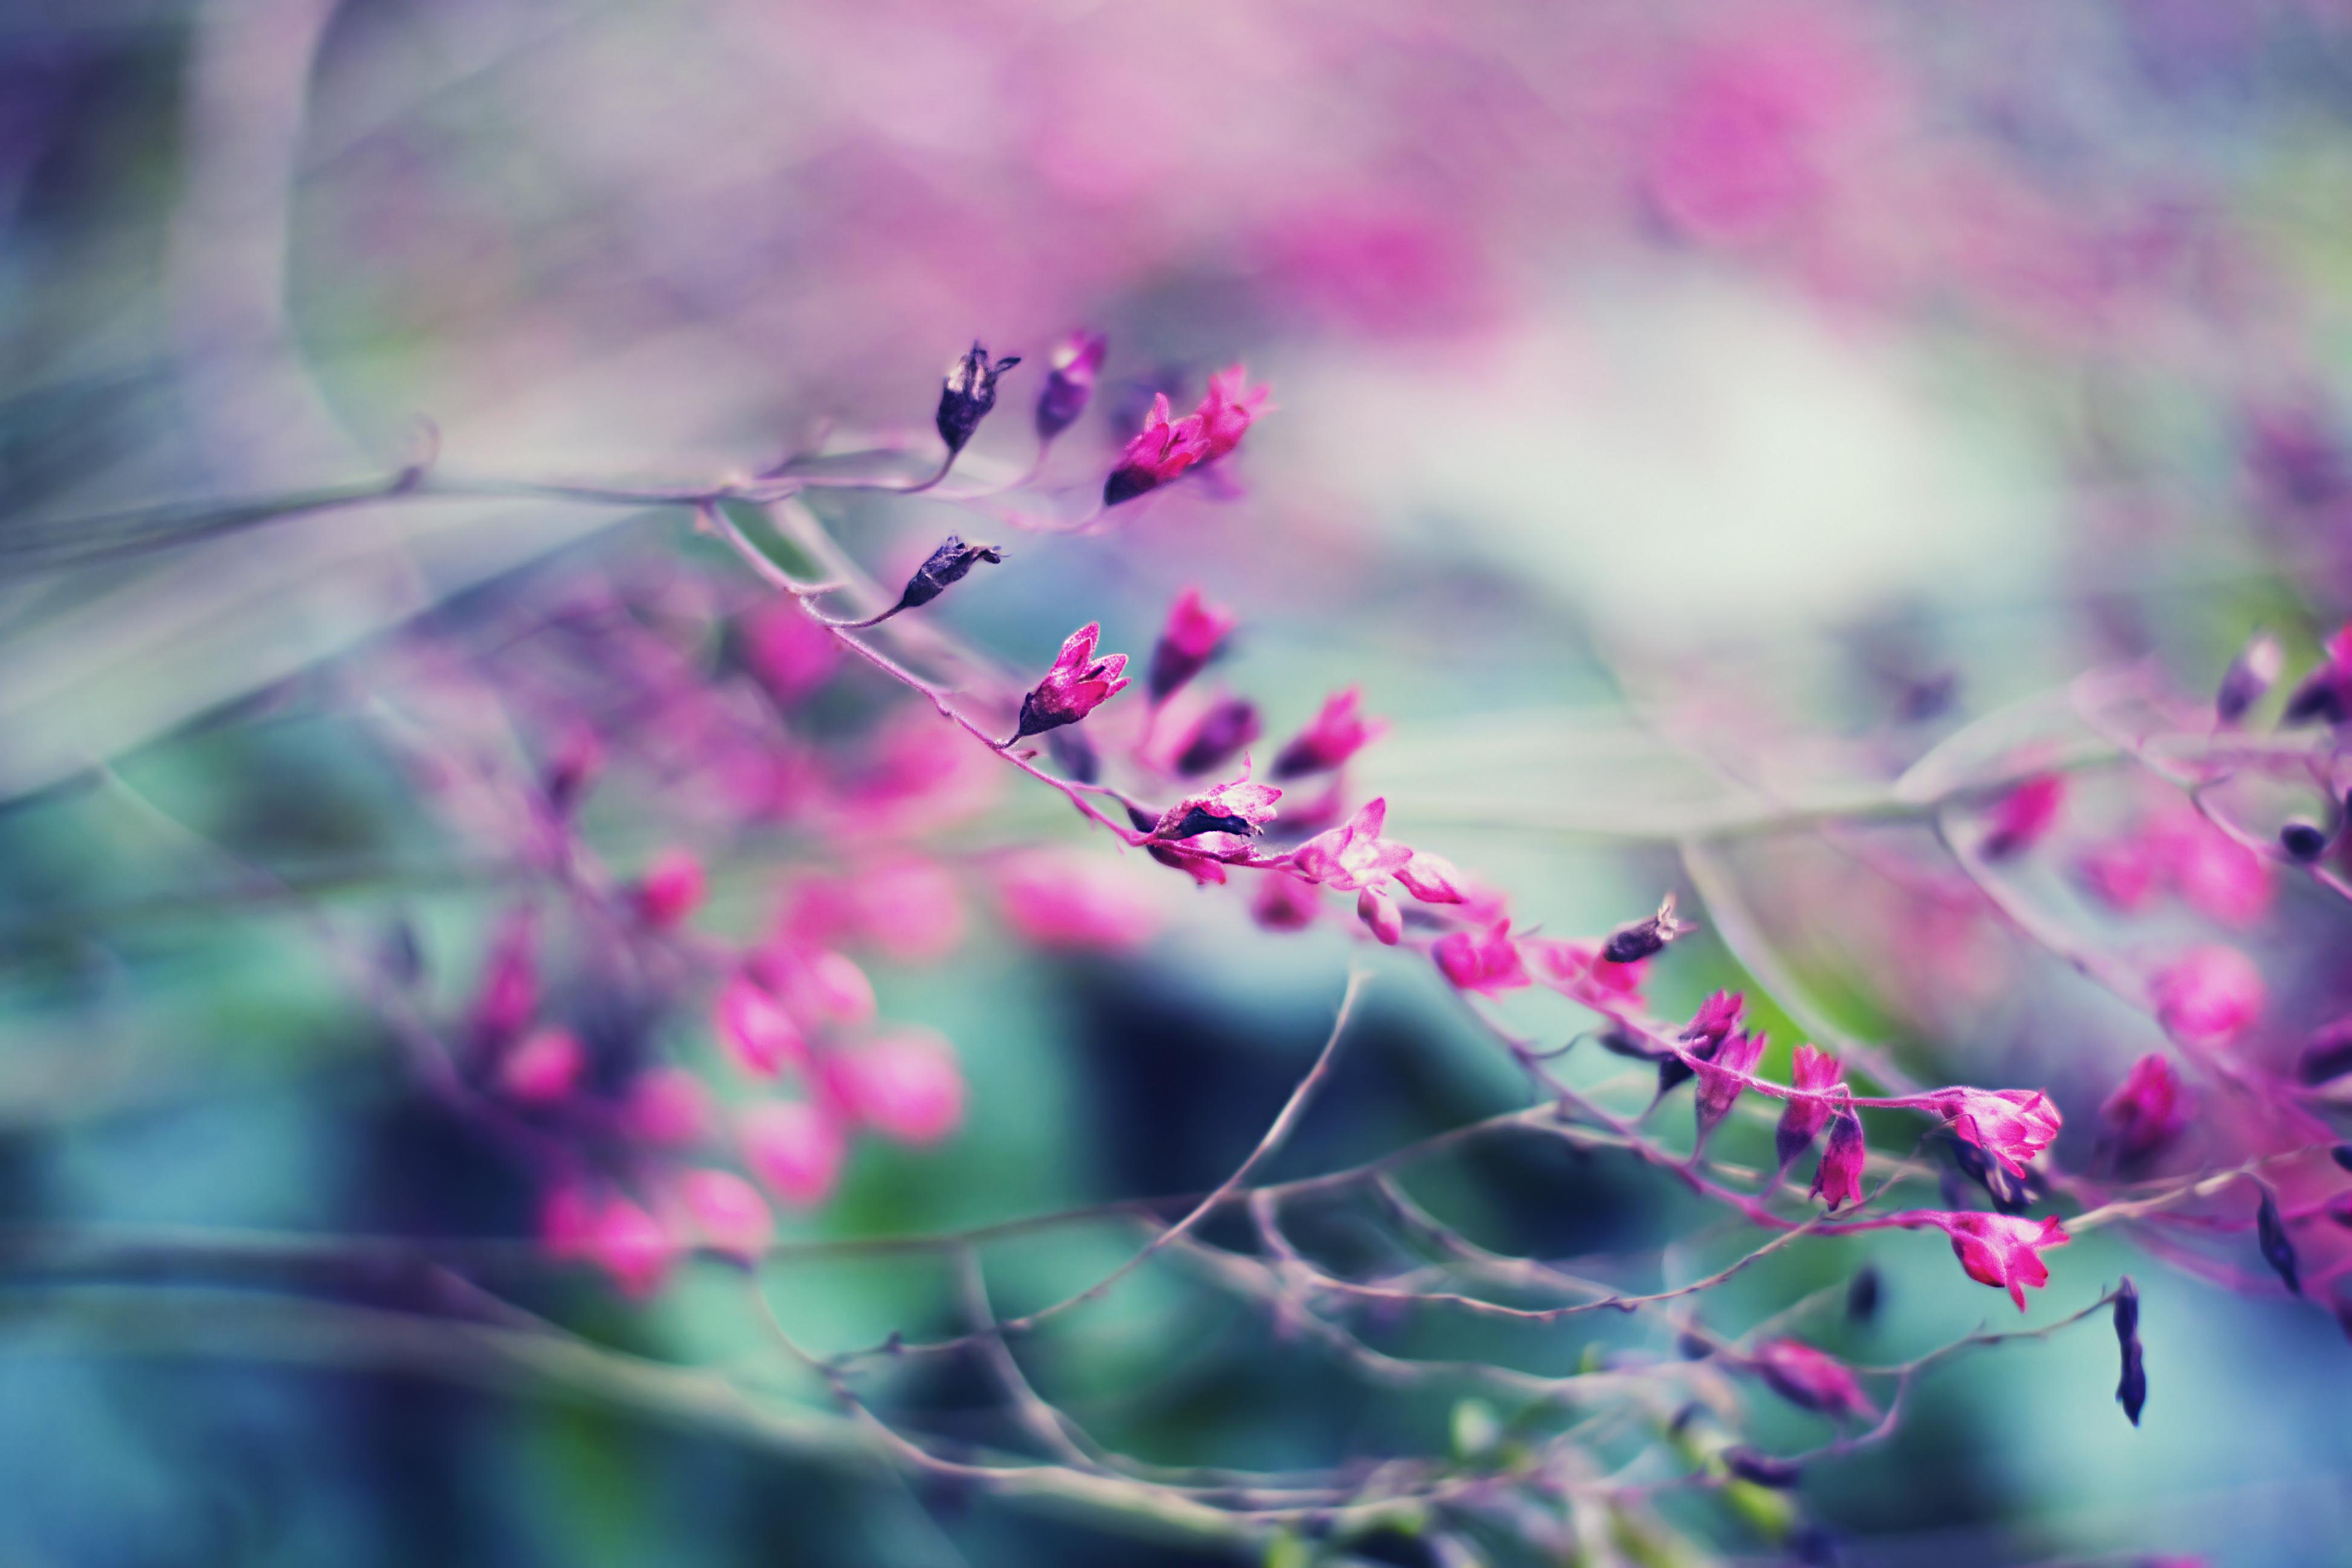 цветок, макро, розовый, природа, растения  № 695897 бесплатно